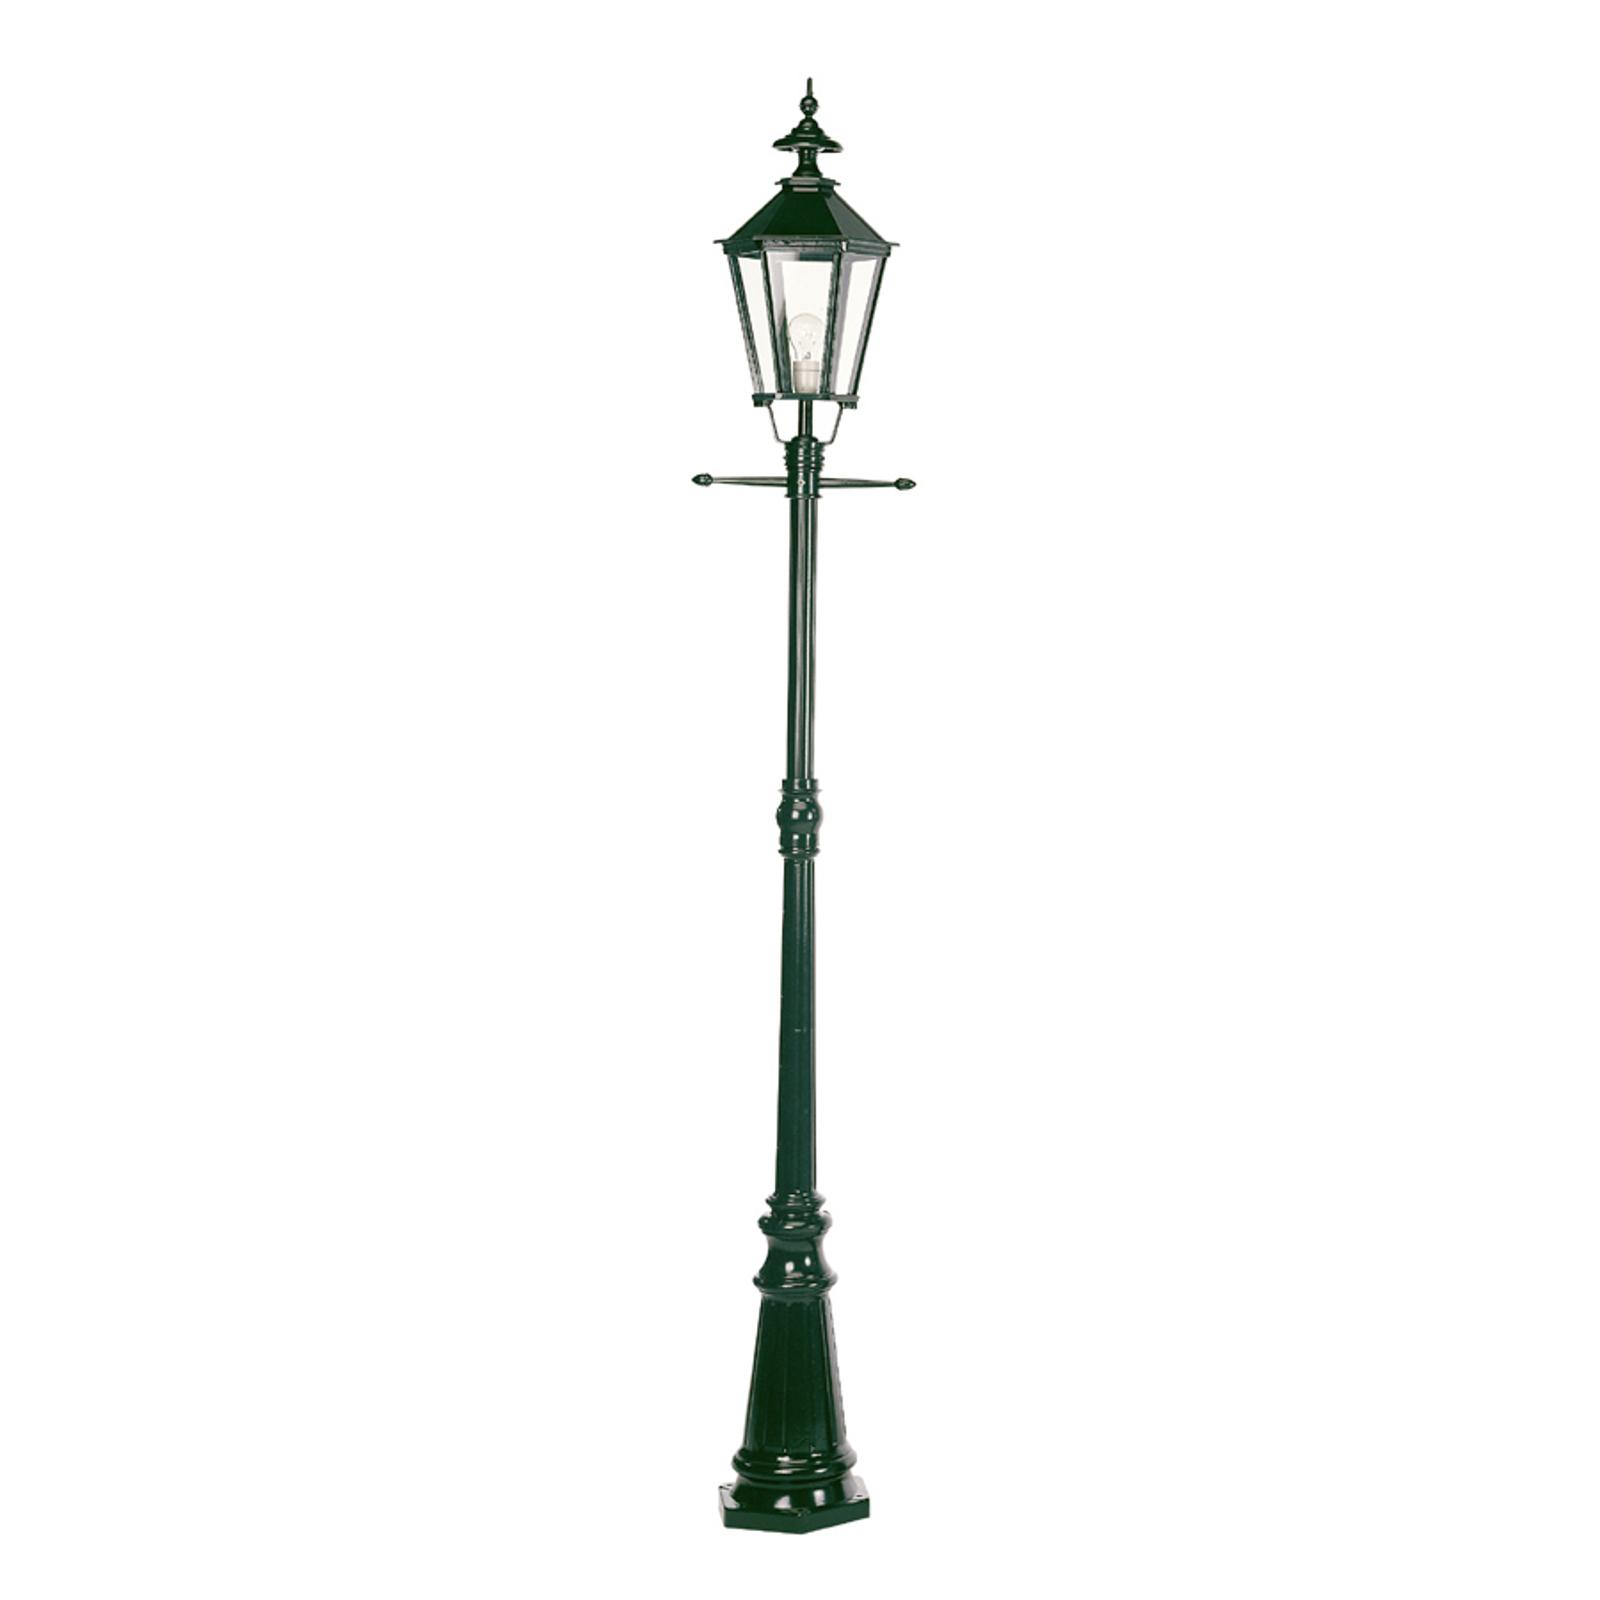 Atrakcyjna latarnia Manchester 1-punktowa zielona